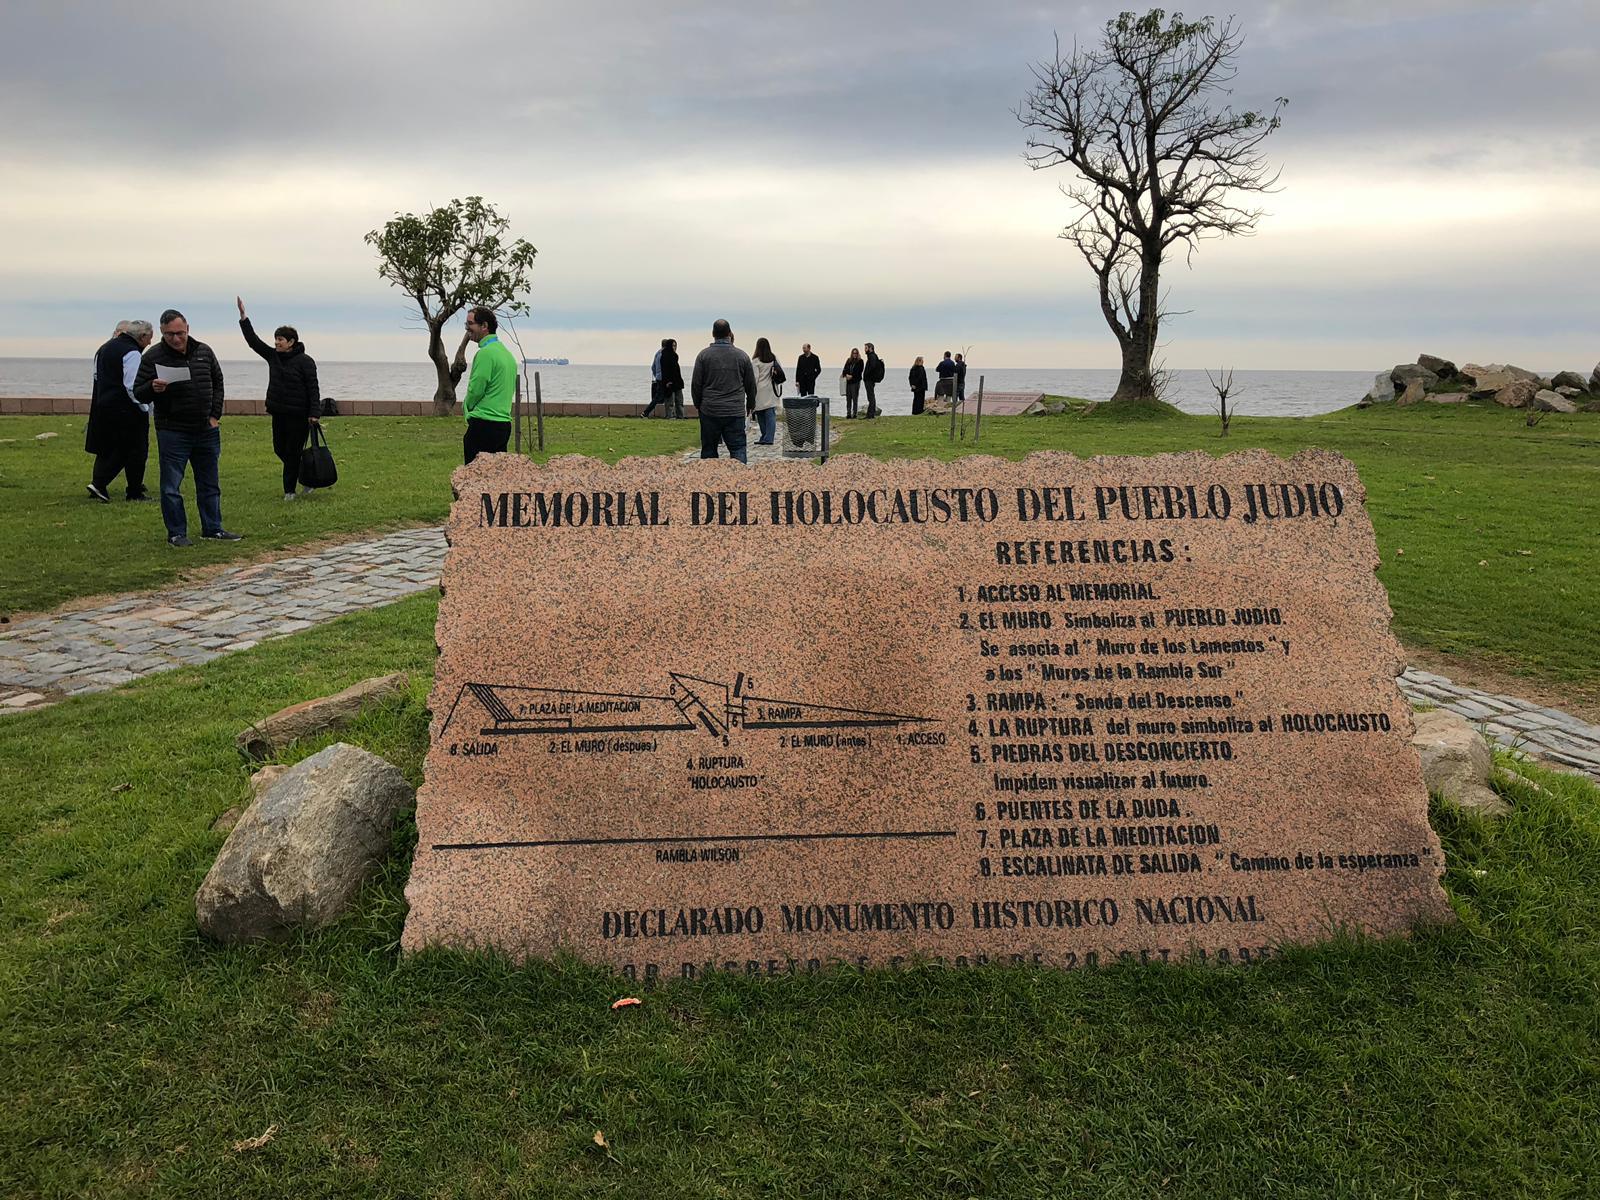 Holocaust Memorial References Stone